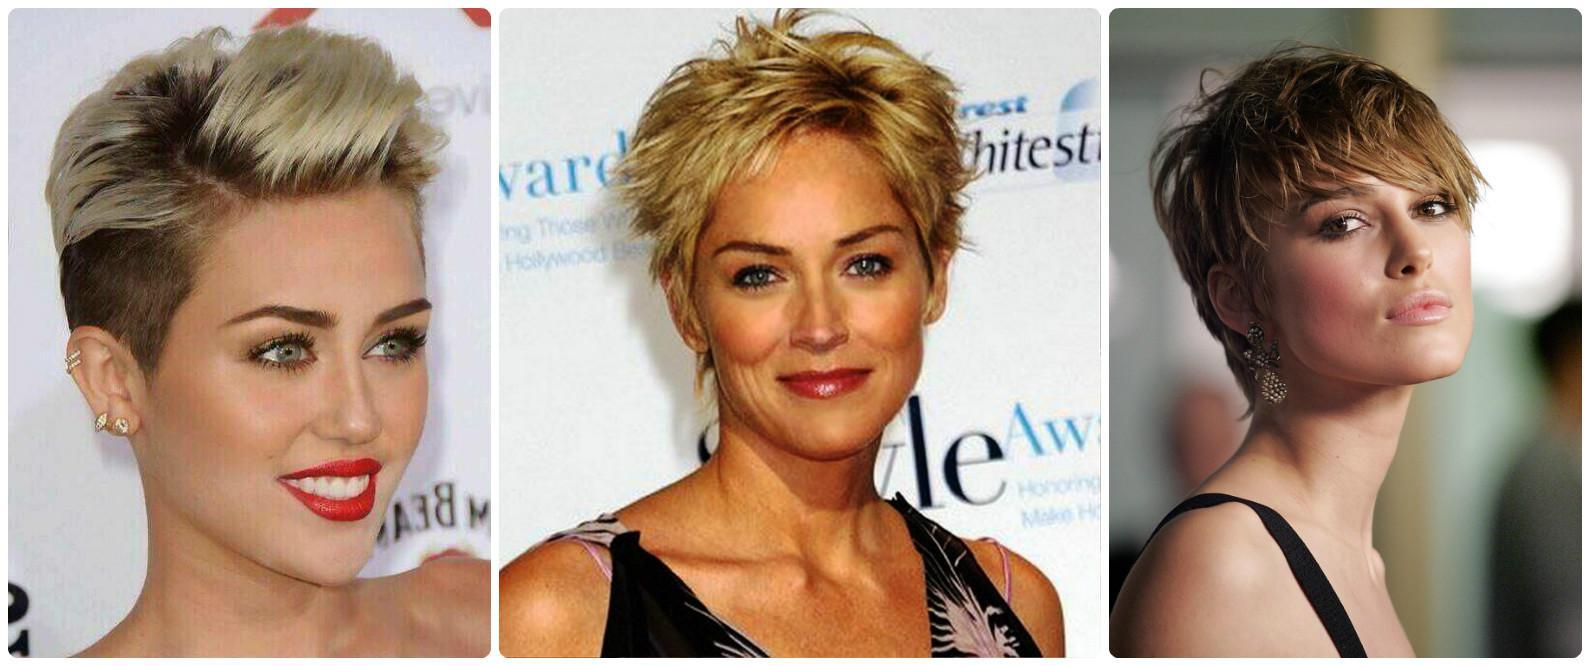 image103-1 | Модные женские стрижки на короткие волосы: основные правила и варианты исполнения